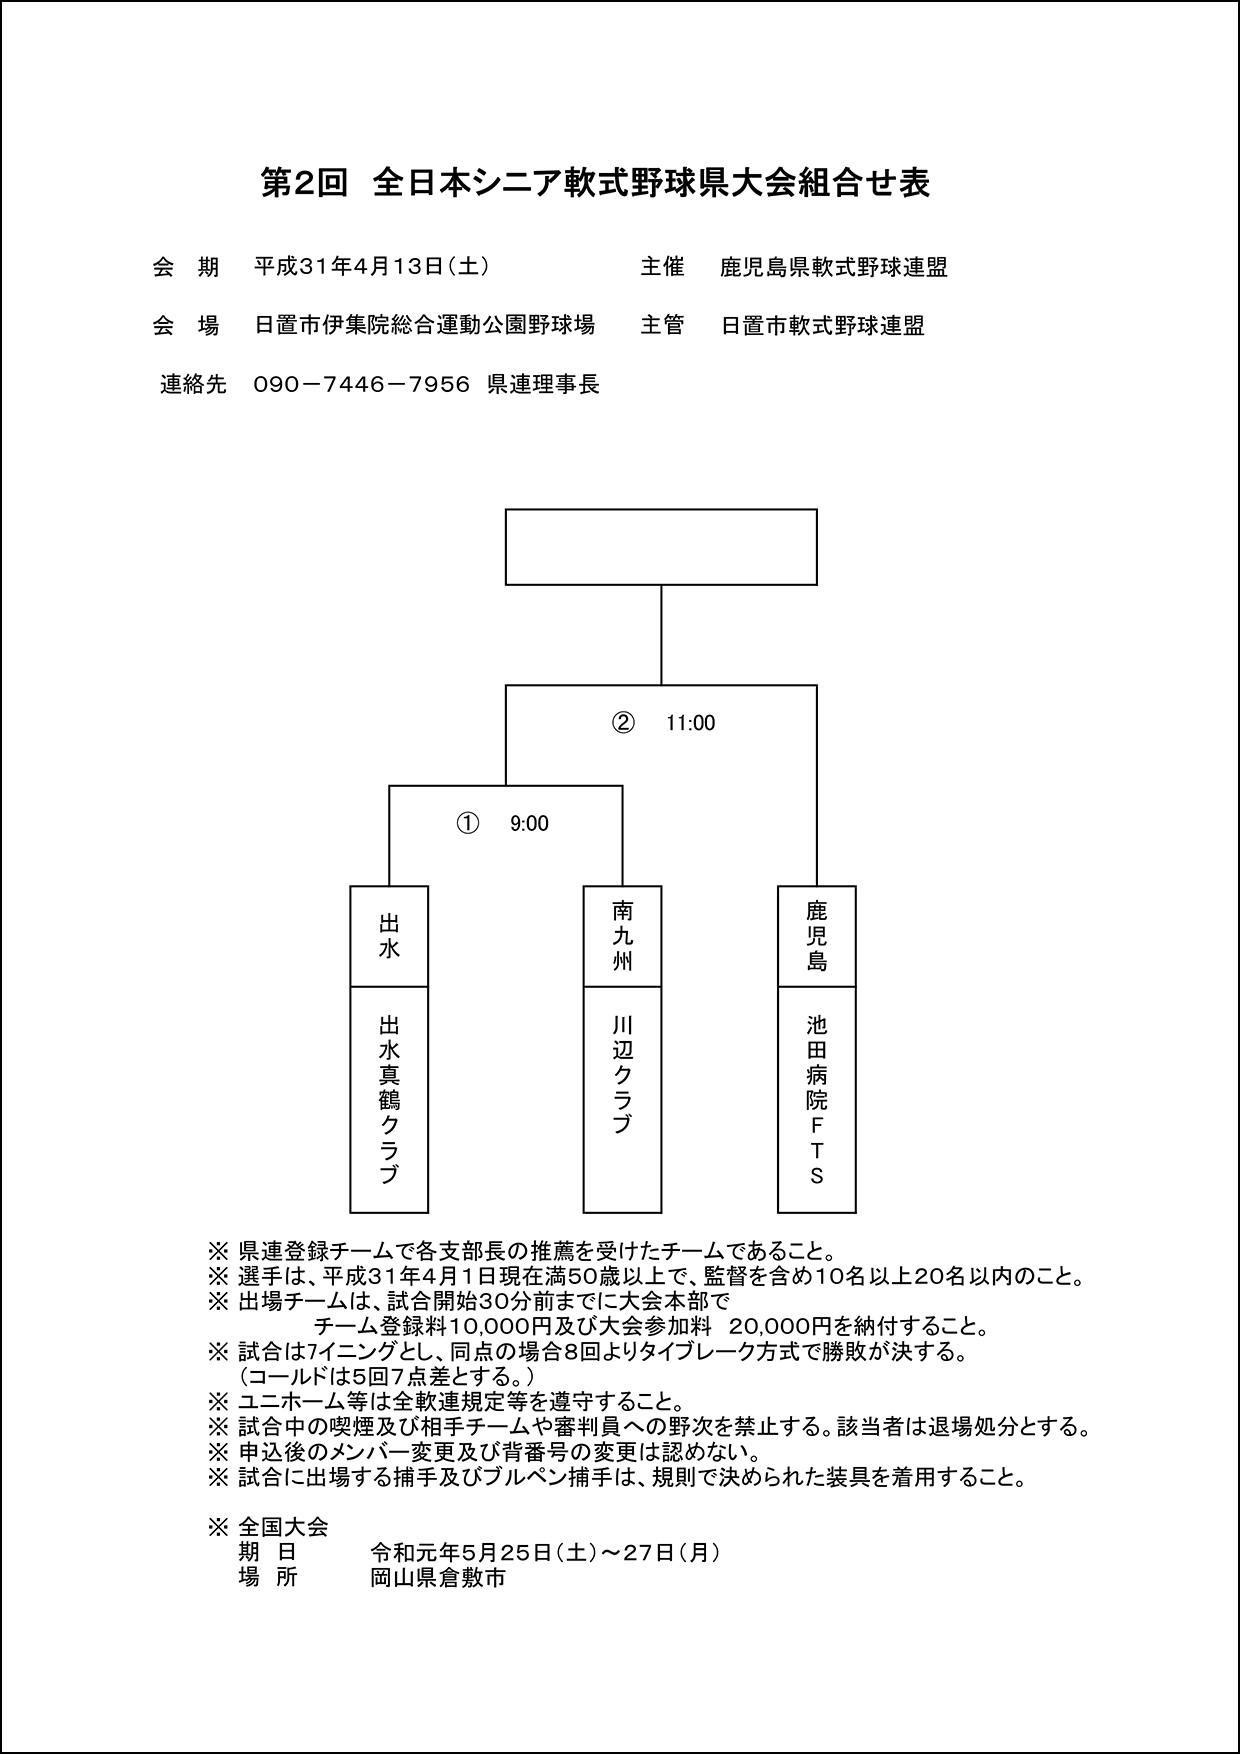 【組合せ】第2回 全日本シニア軟式野球県大会